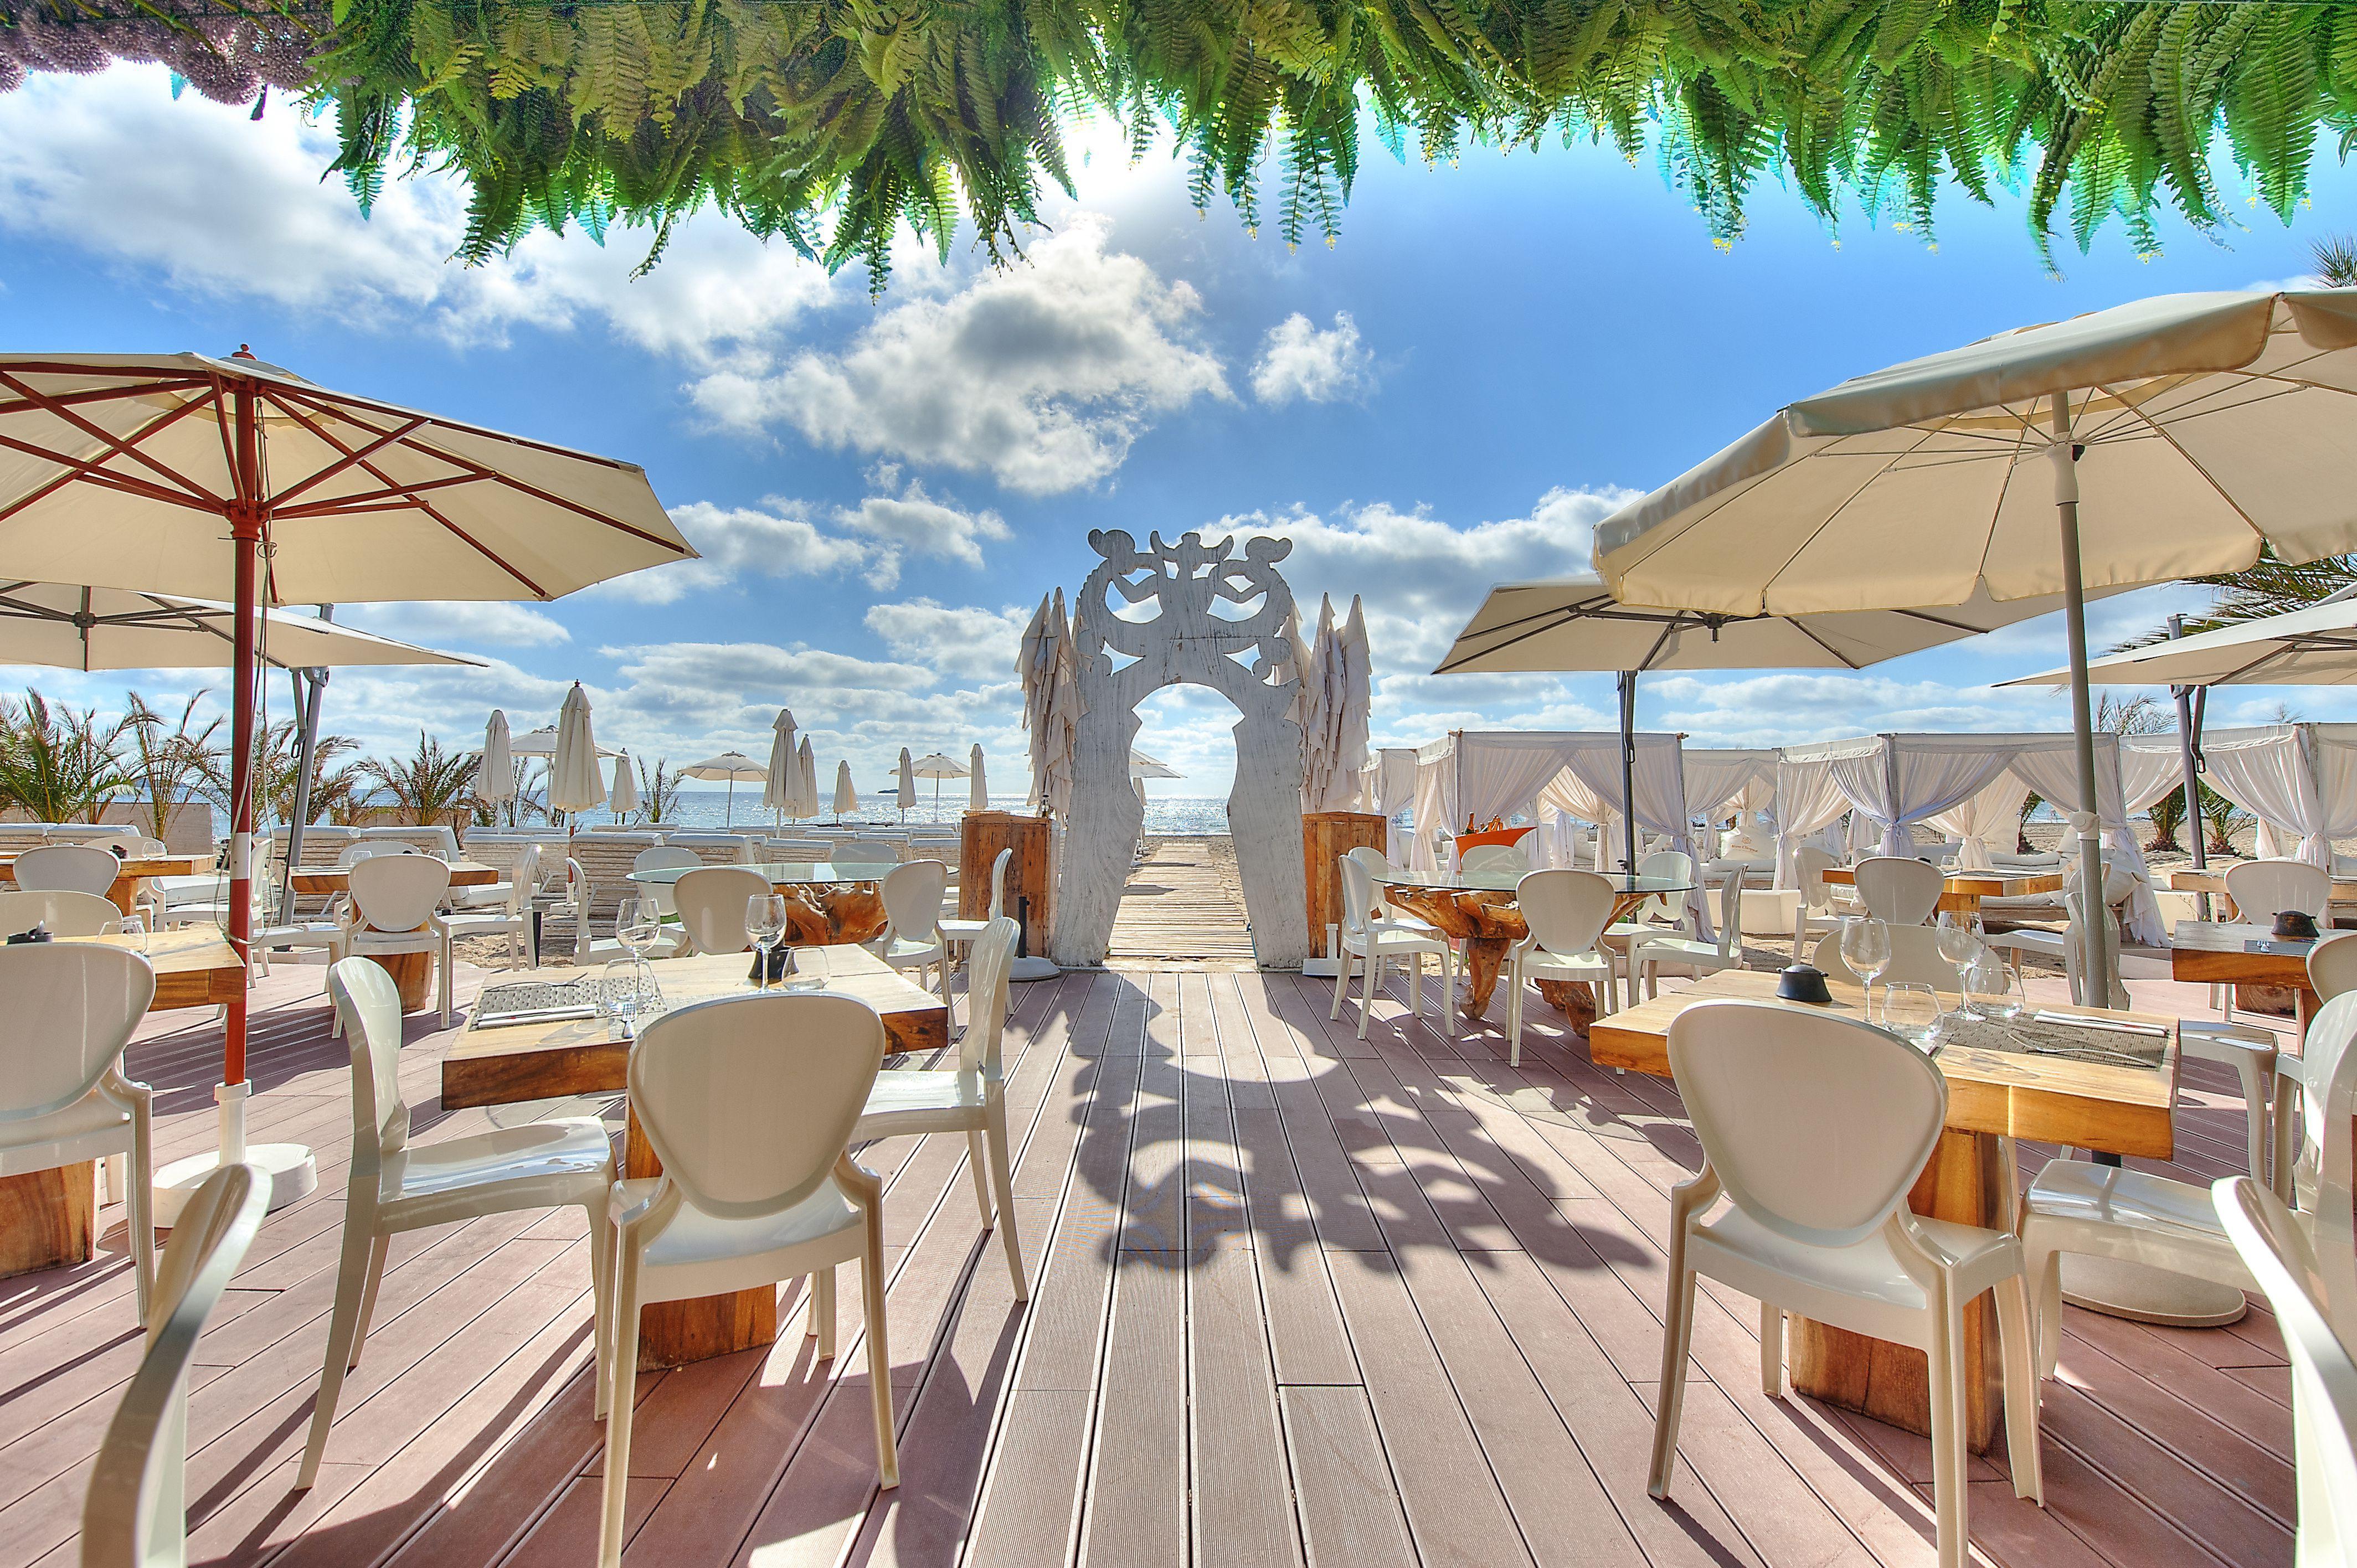 Appartamenti playa d en bossa for Appartamenti barcellona centro low cost